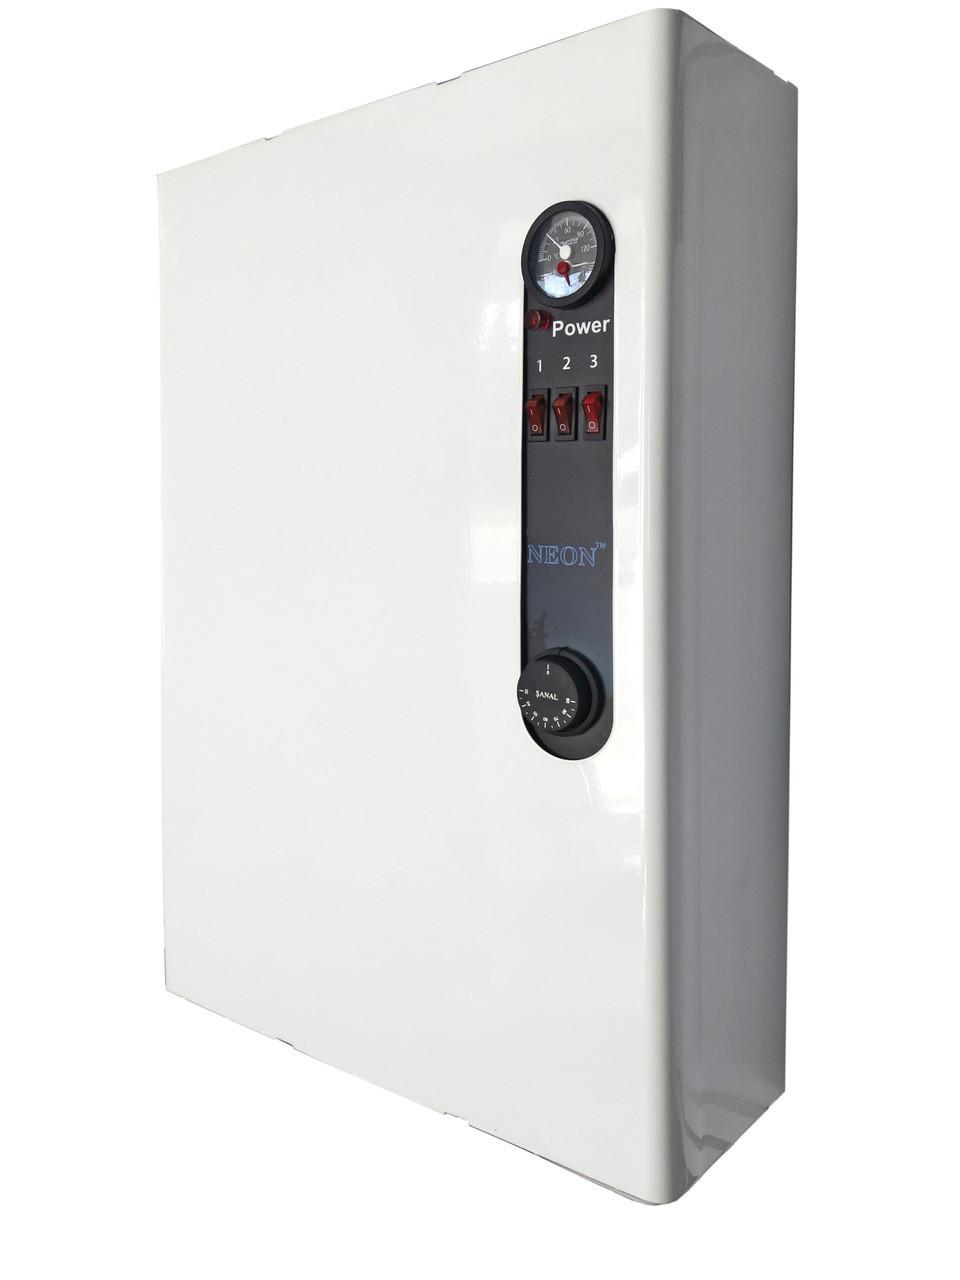 Электрокотел NEON PRO 9 кВт 220в. Магнитный пускатель